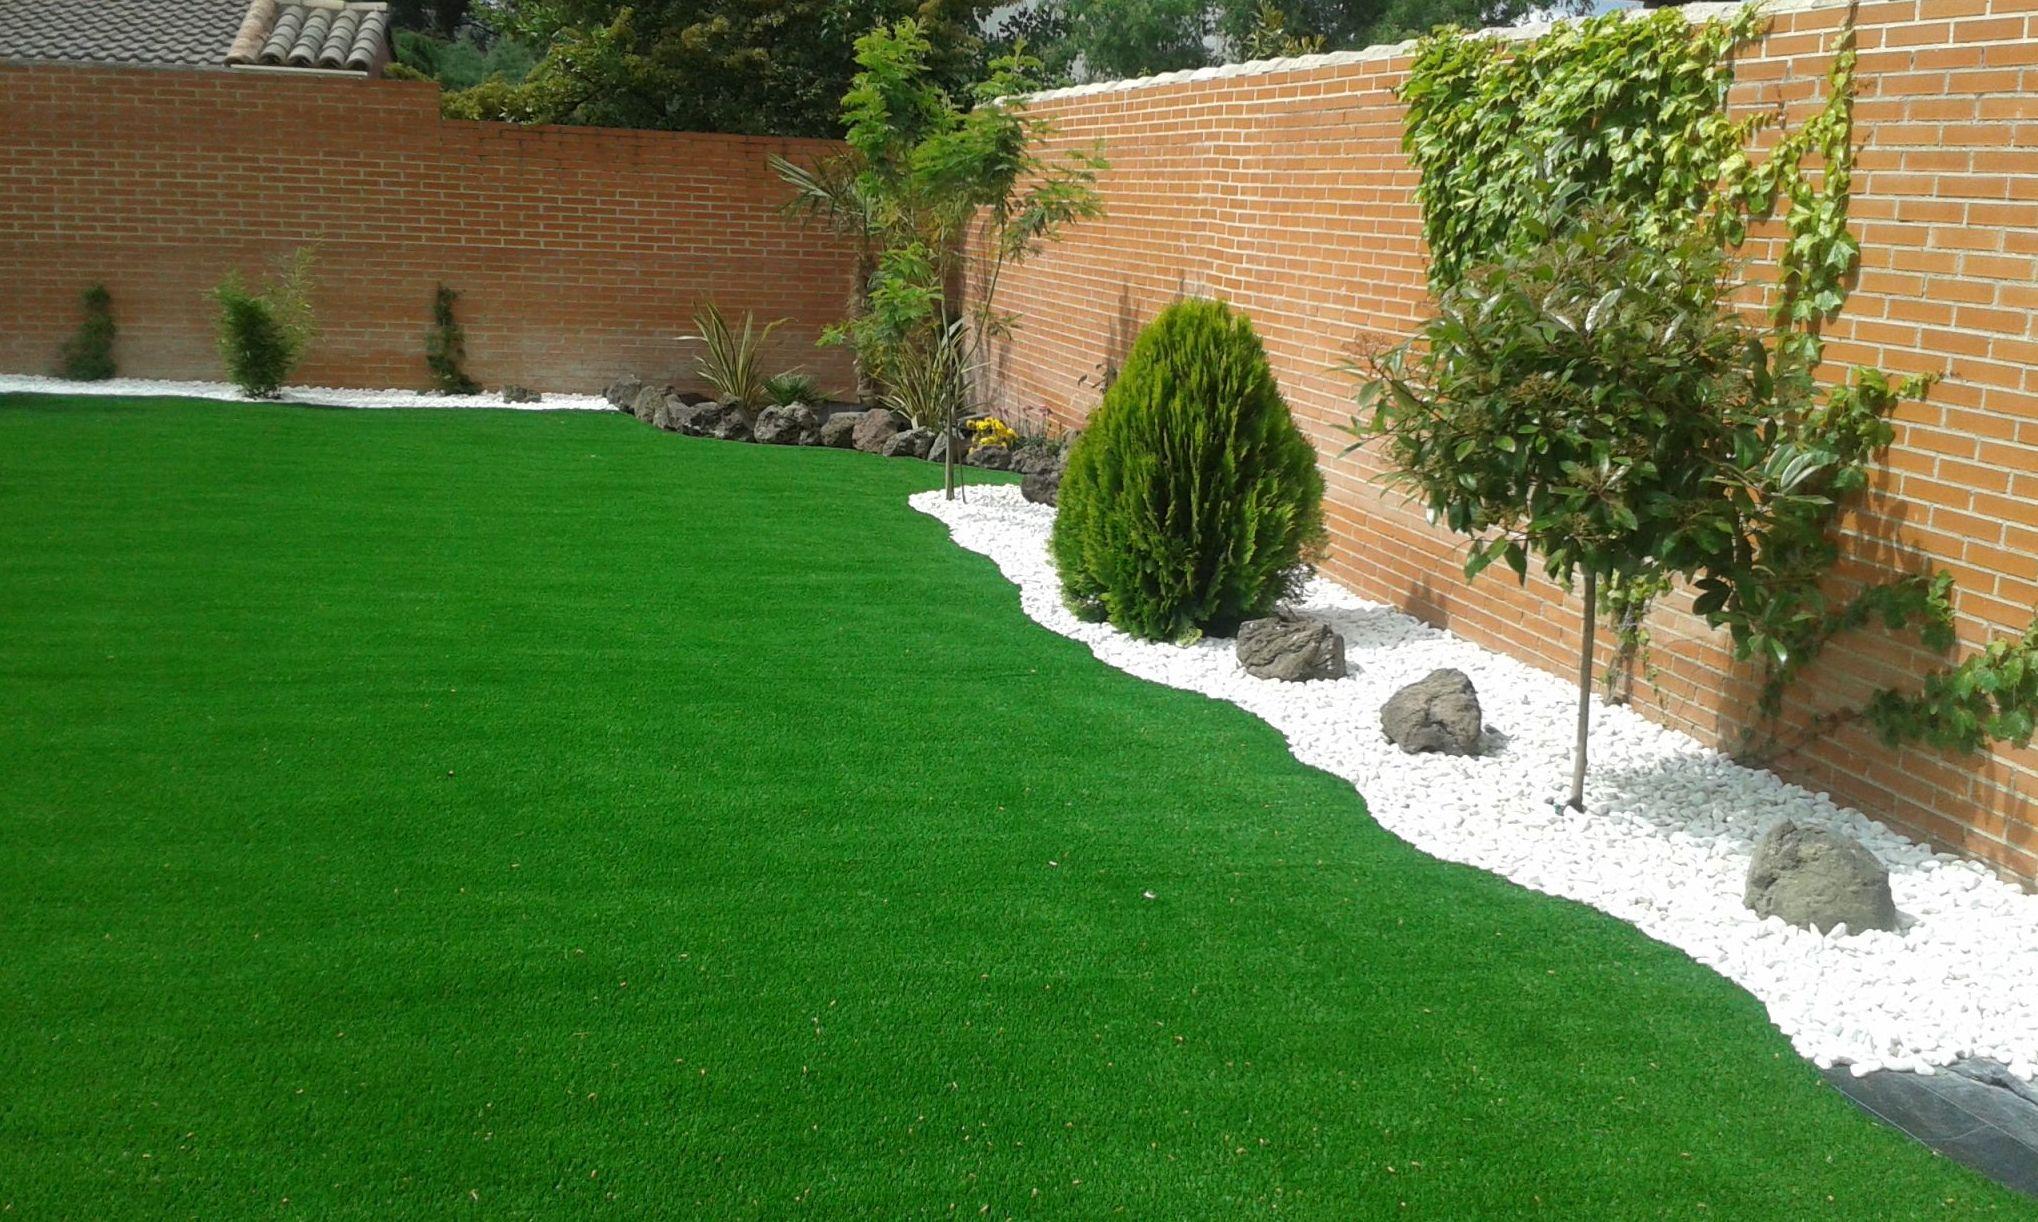 Dise o y mantenimiento de jardines en boadilla del monte for Diseno jardines